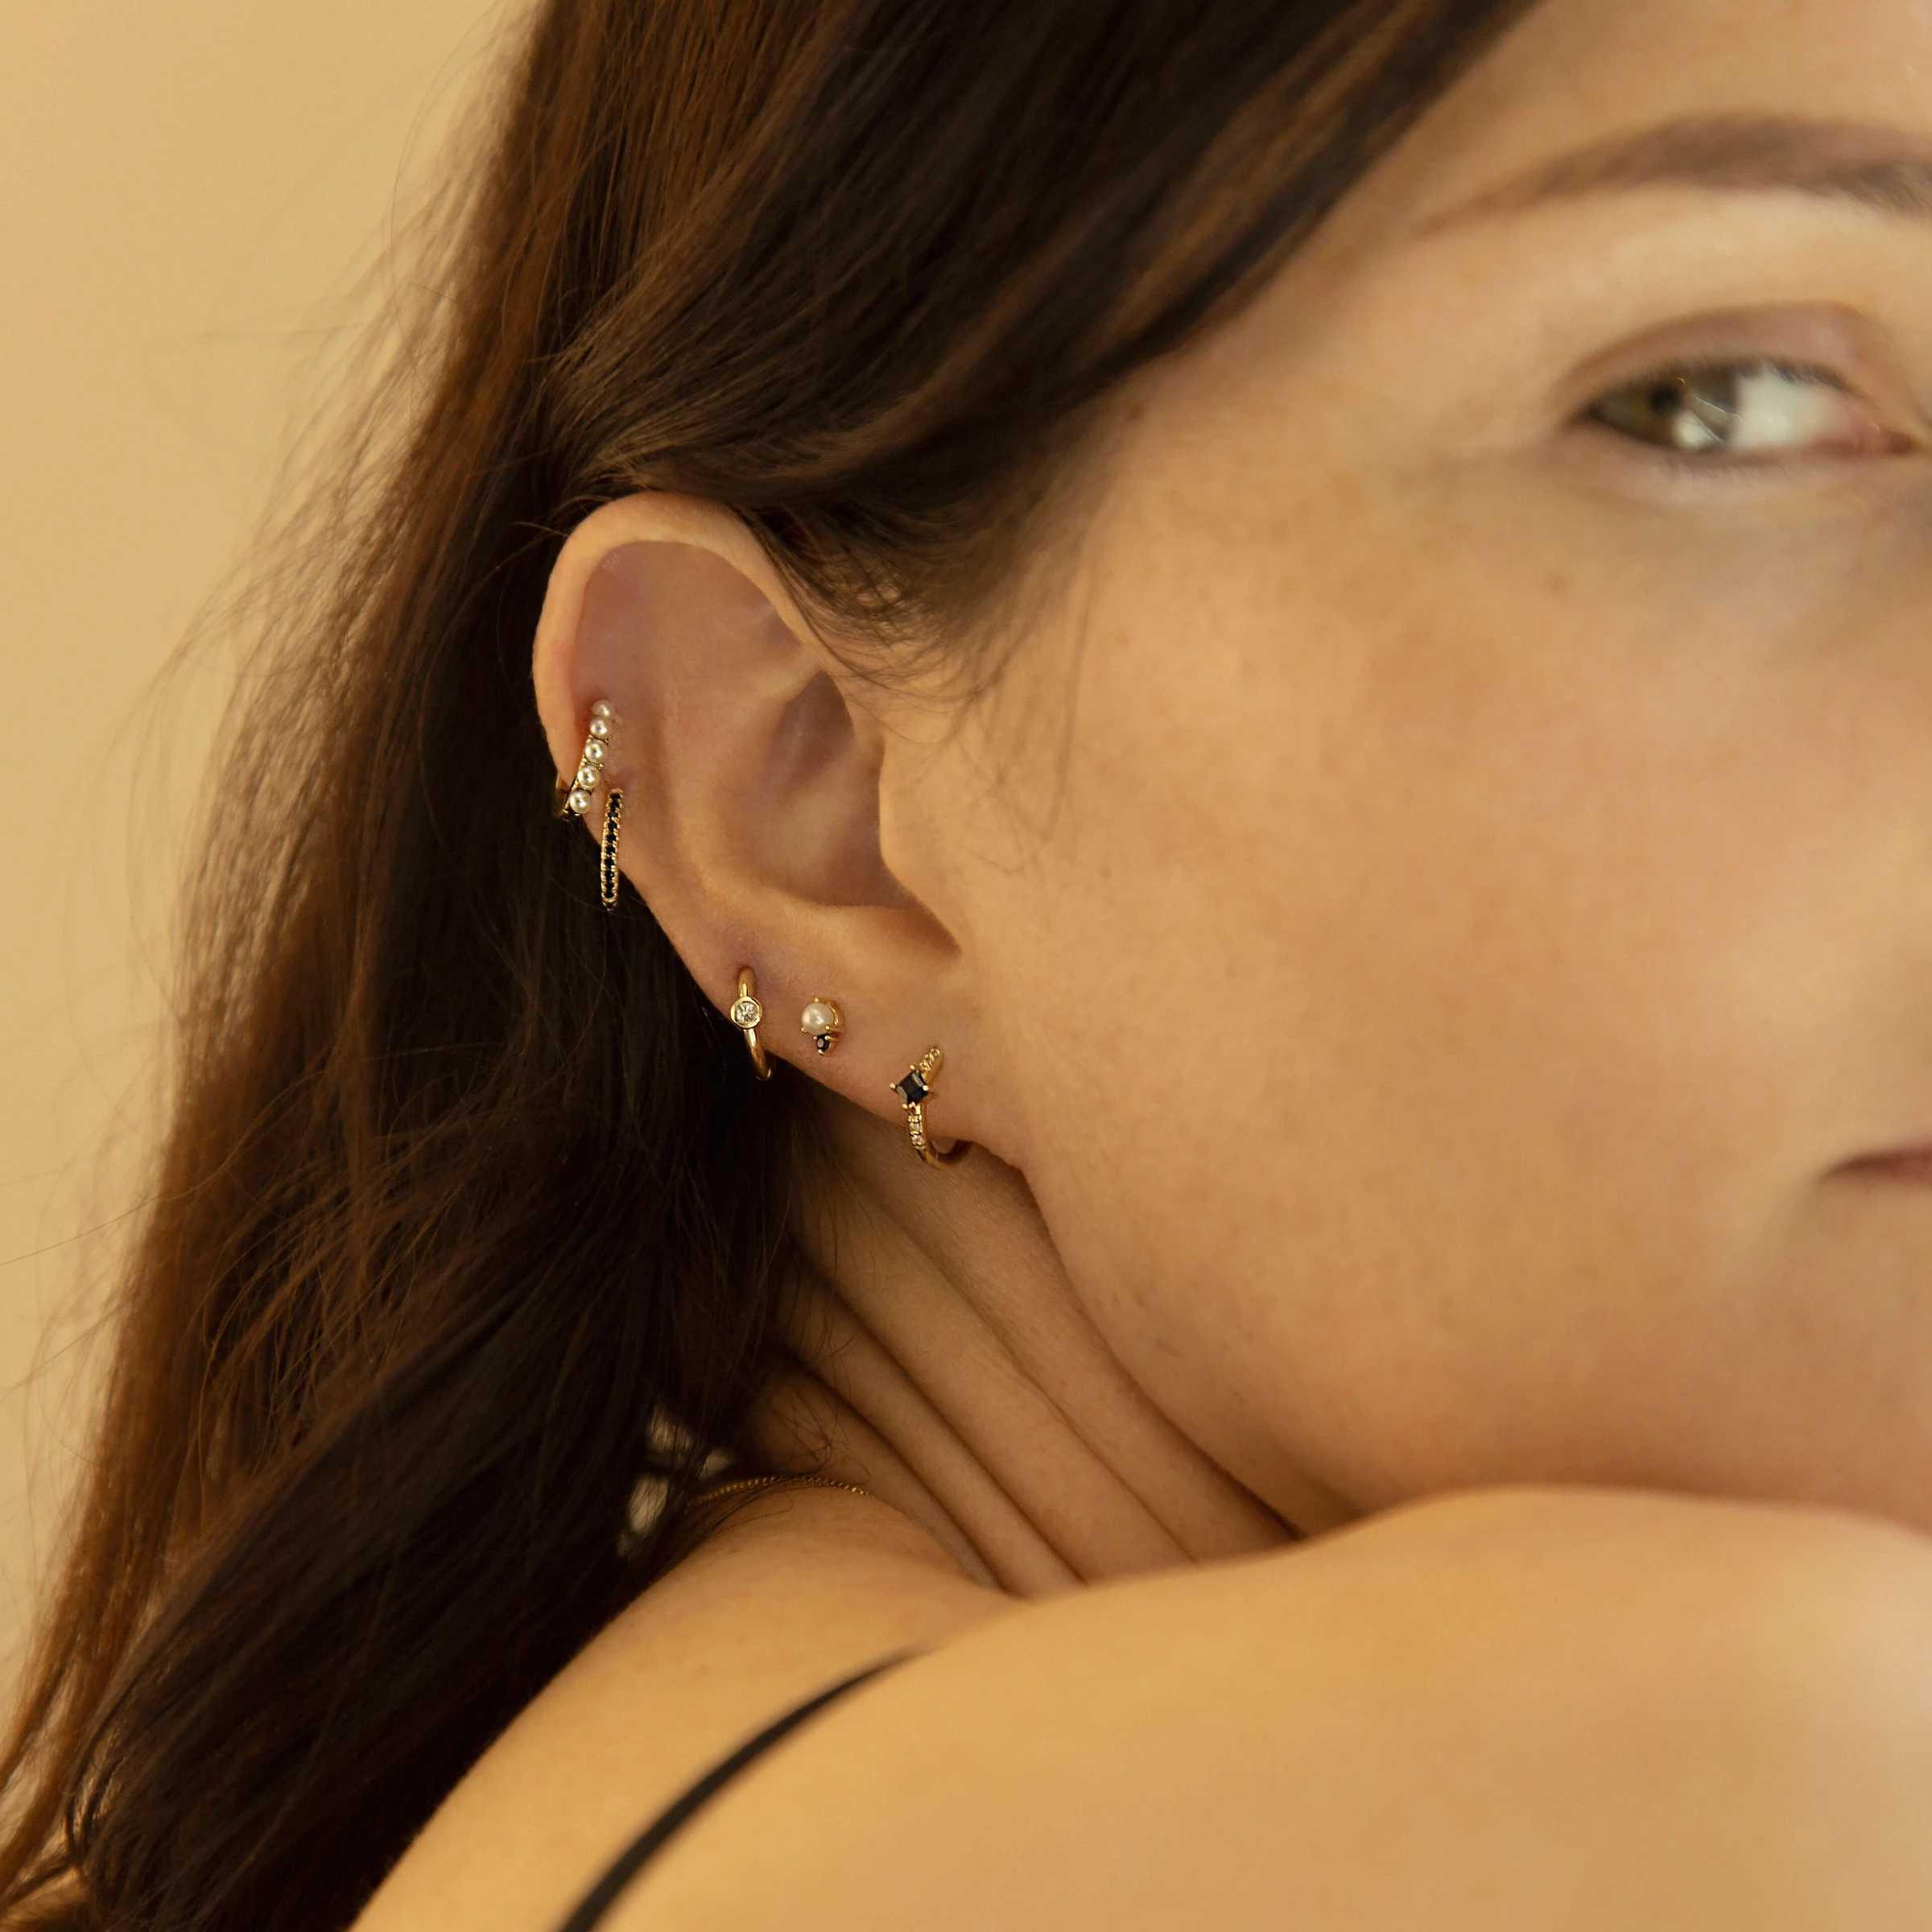 Slovecabin 2019 Single Baru Huggies Klip Crystal Pearl Ring Anting-Anting Perak Sterling 925 Emas Opal Lingkaran Lingkaran Wanita Perhiasan